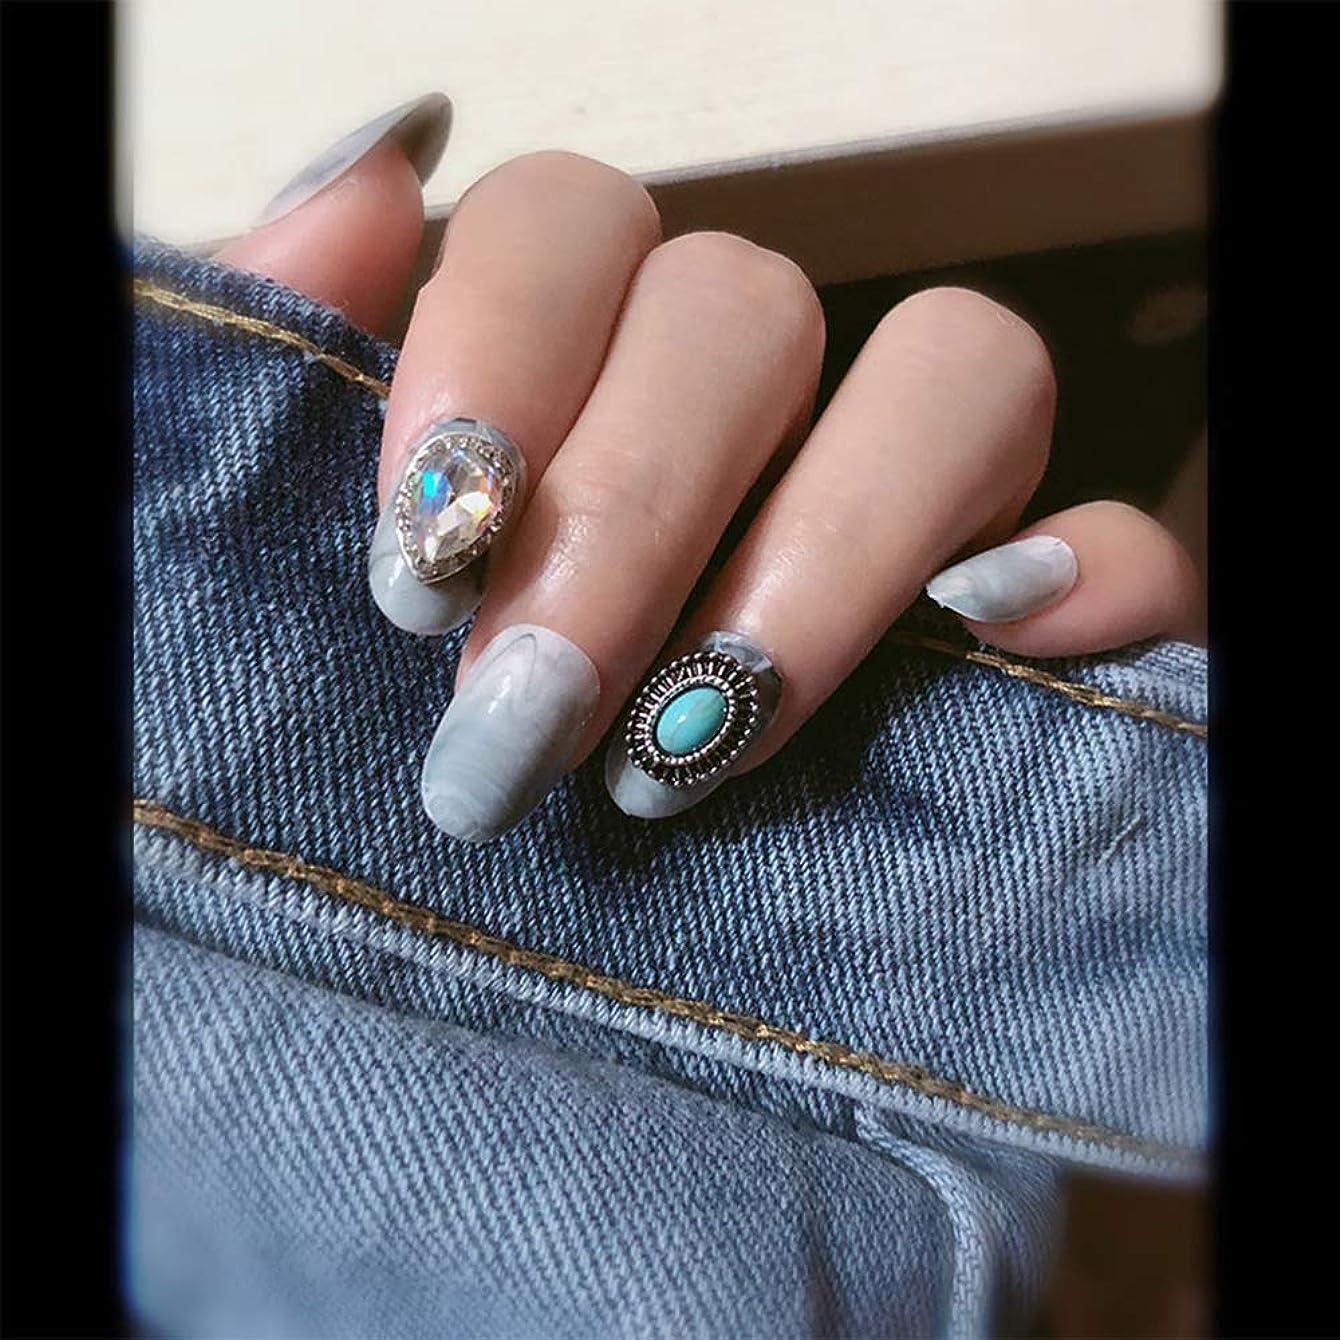 ピクニック再発する入射XUTXZKA 偽の爪を持つ丸い大理石のパターン女性の完全な爪のヒント花嫁の偽の爪